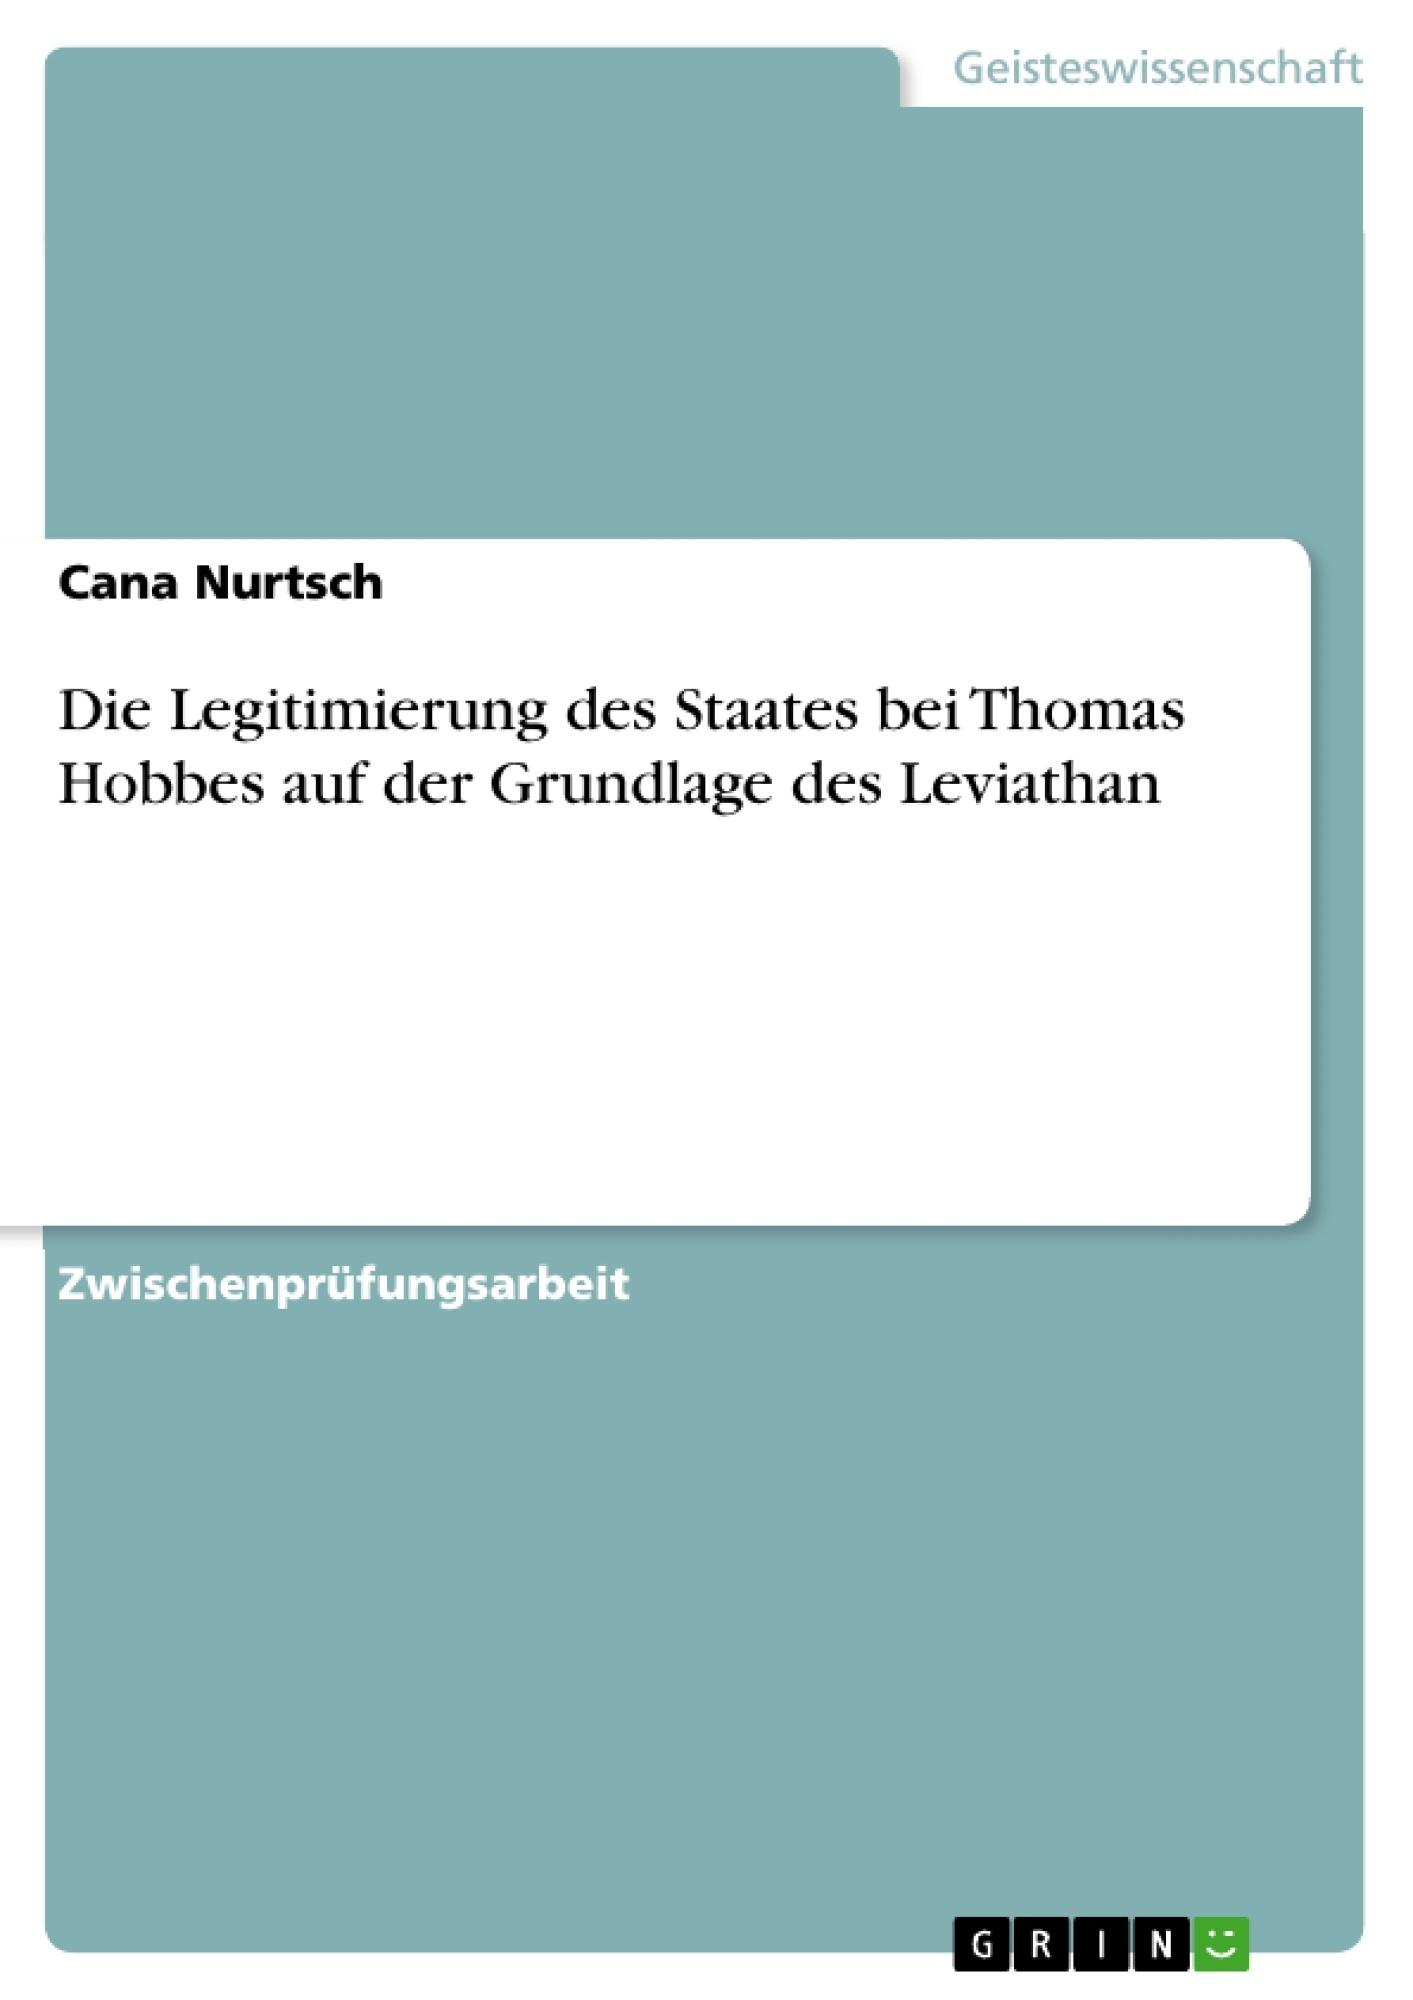 Titel: Die Legitimierung des Staates bei Thomas Hobbes auf der Grundlage des Leviathan